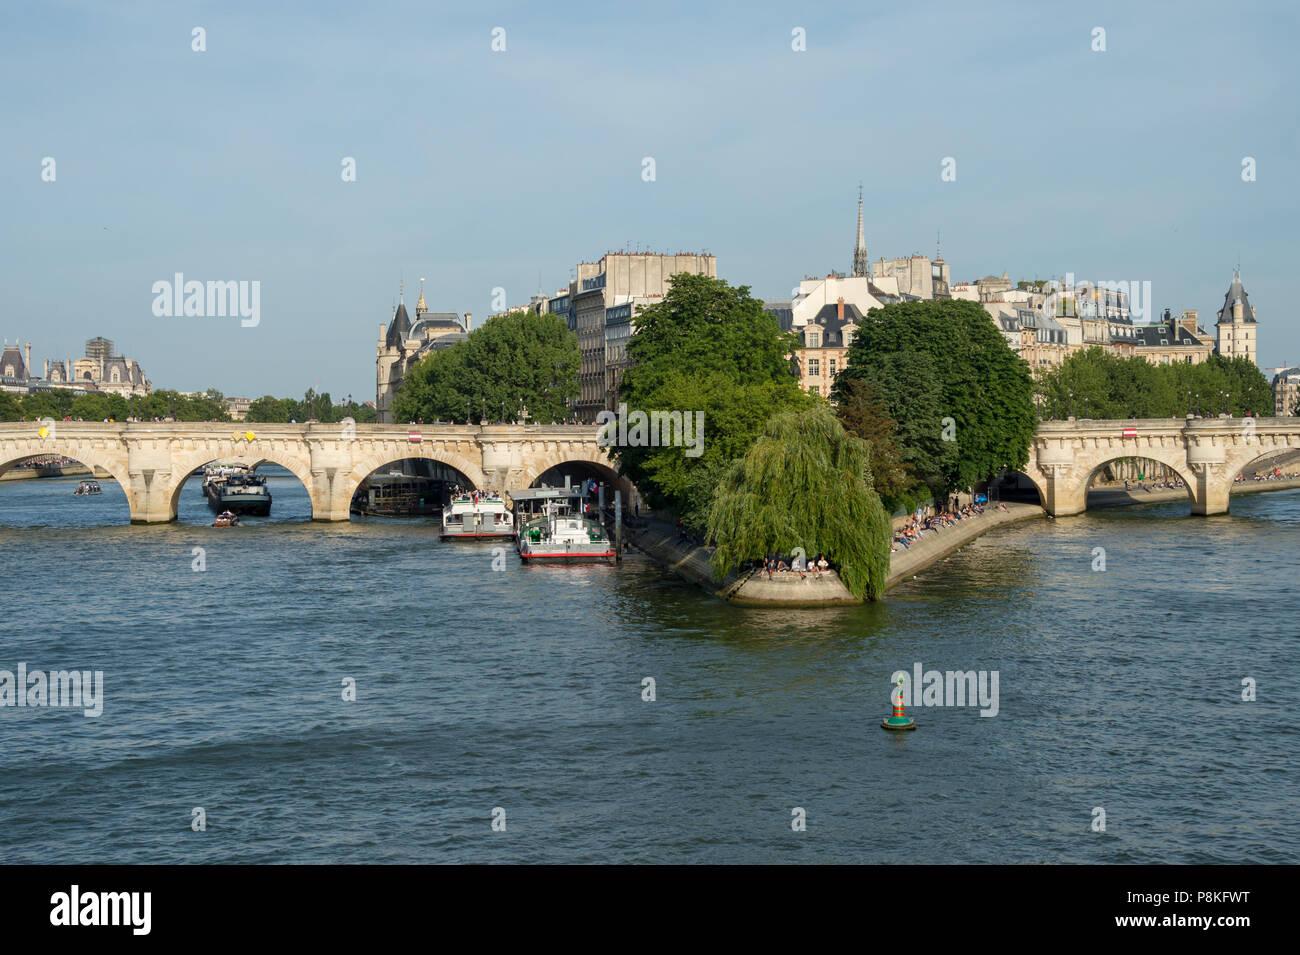 Paris, France - 24 June 2018: Ile de la Cité, Notre-Dame Cathedrale and Square du Vert-Galant from Pont des Arts bridge. - Stock Image